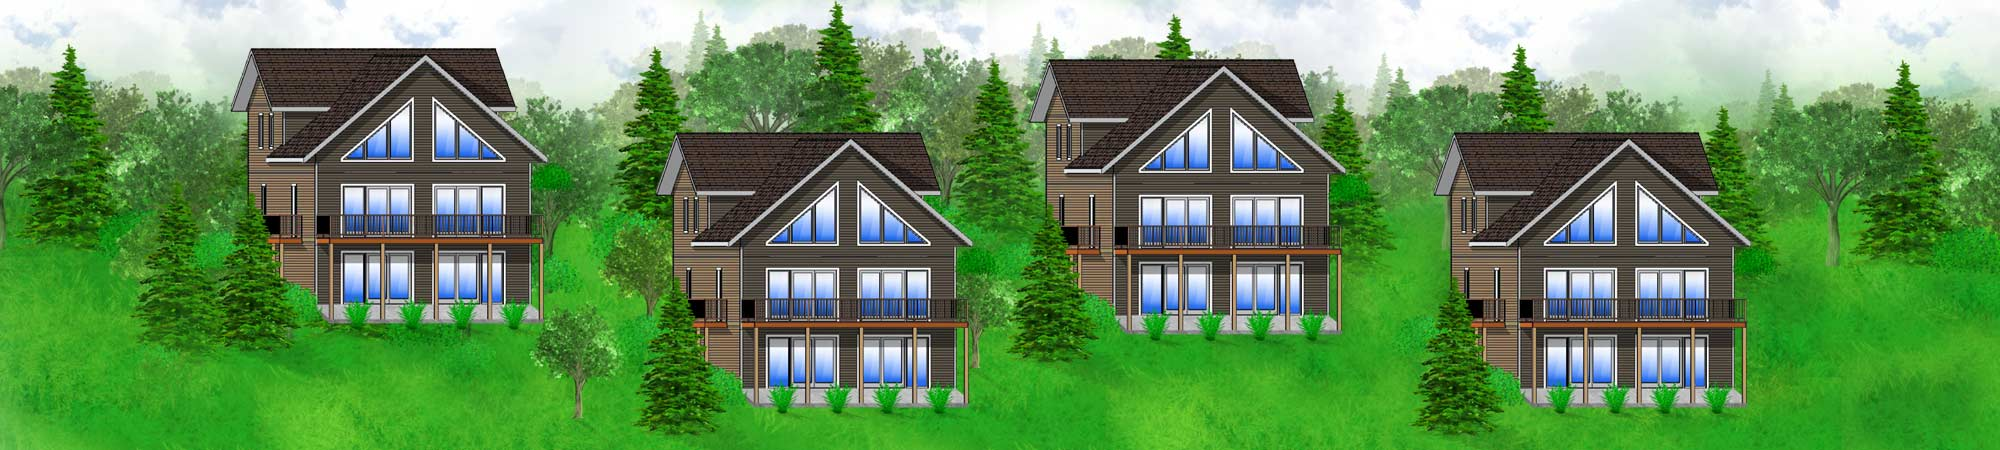 bayview-villas-slide1